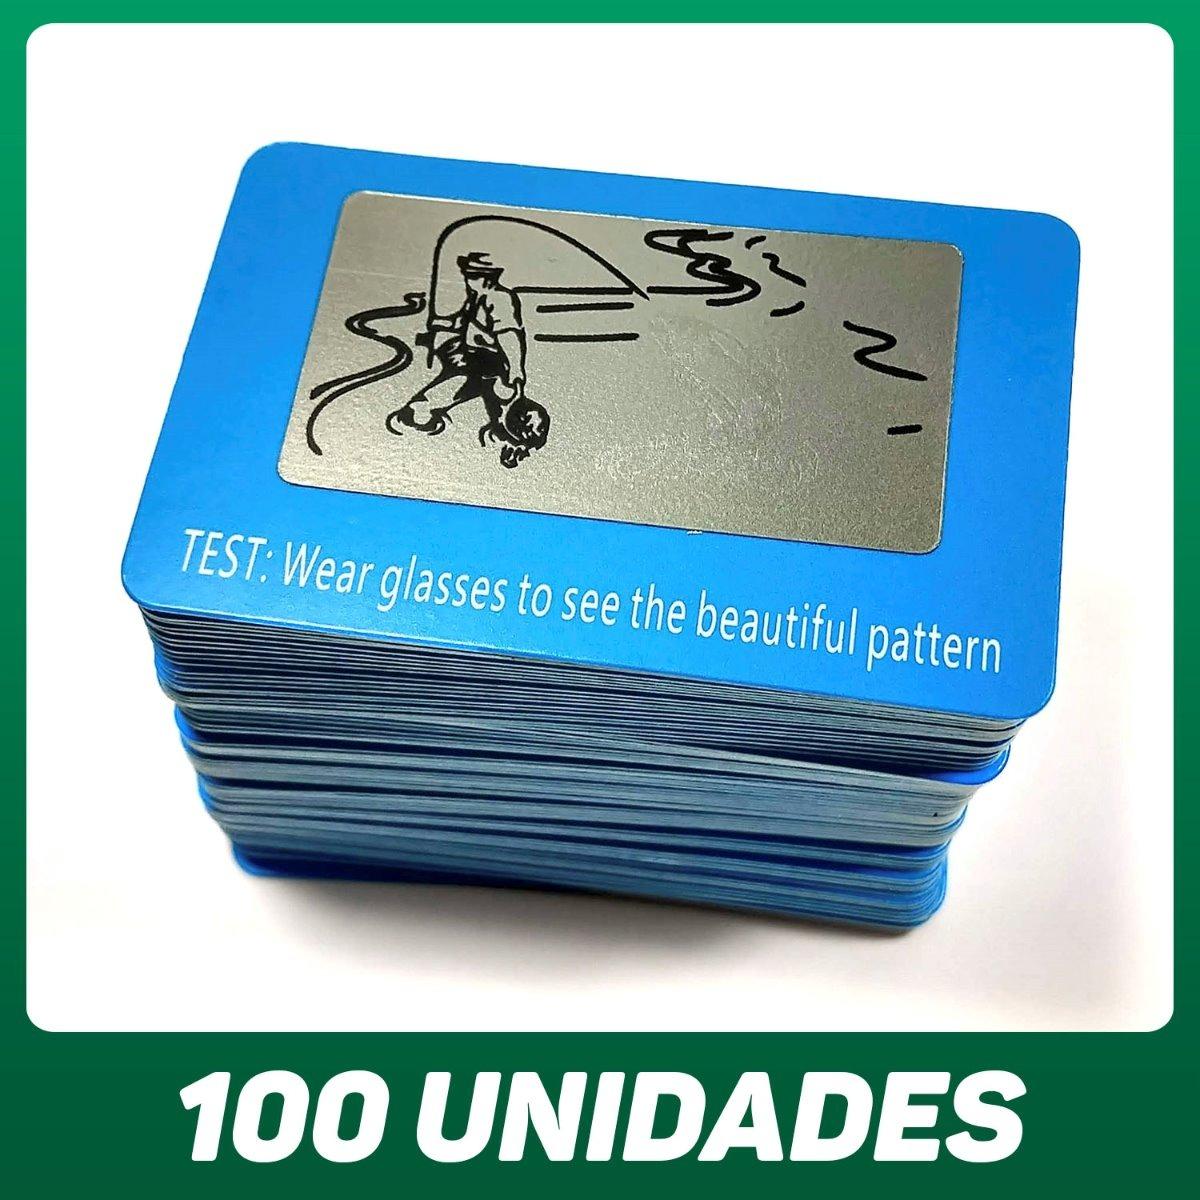 5a1f0f5520a90 cartão teste óculos polarizado lente polarizada 100 unidades. Carregando  zoom.